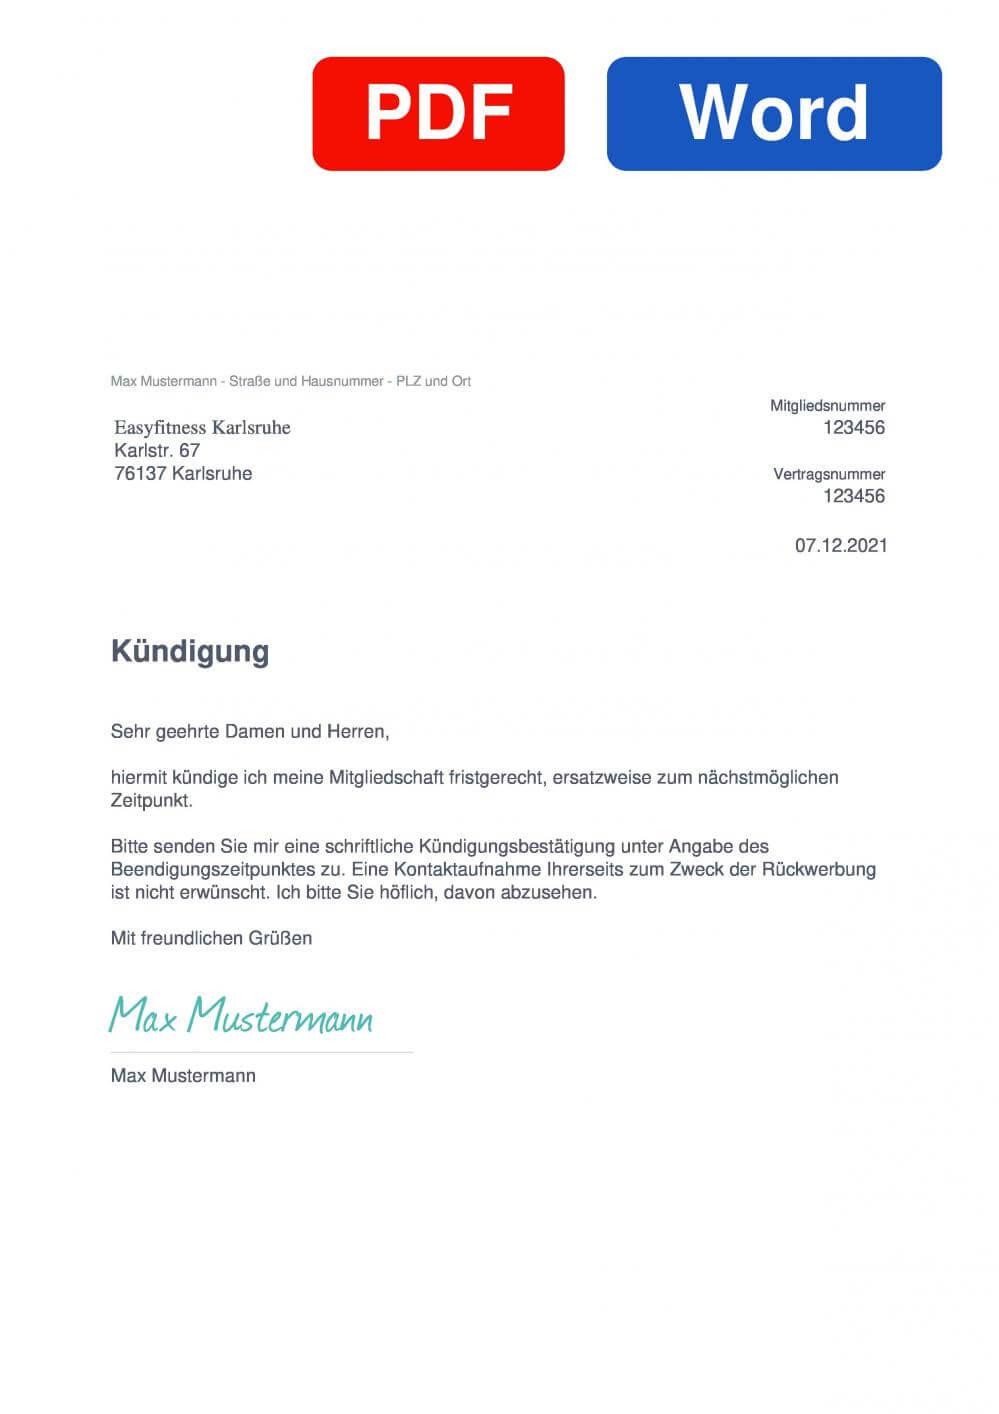 EASYFITNESS Karlsruhe Muster Vorlage für Kündigungsschreiben